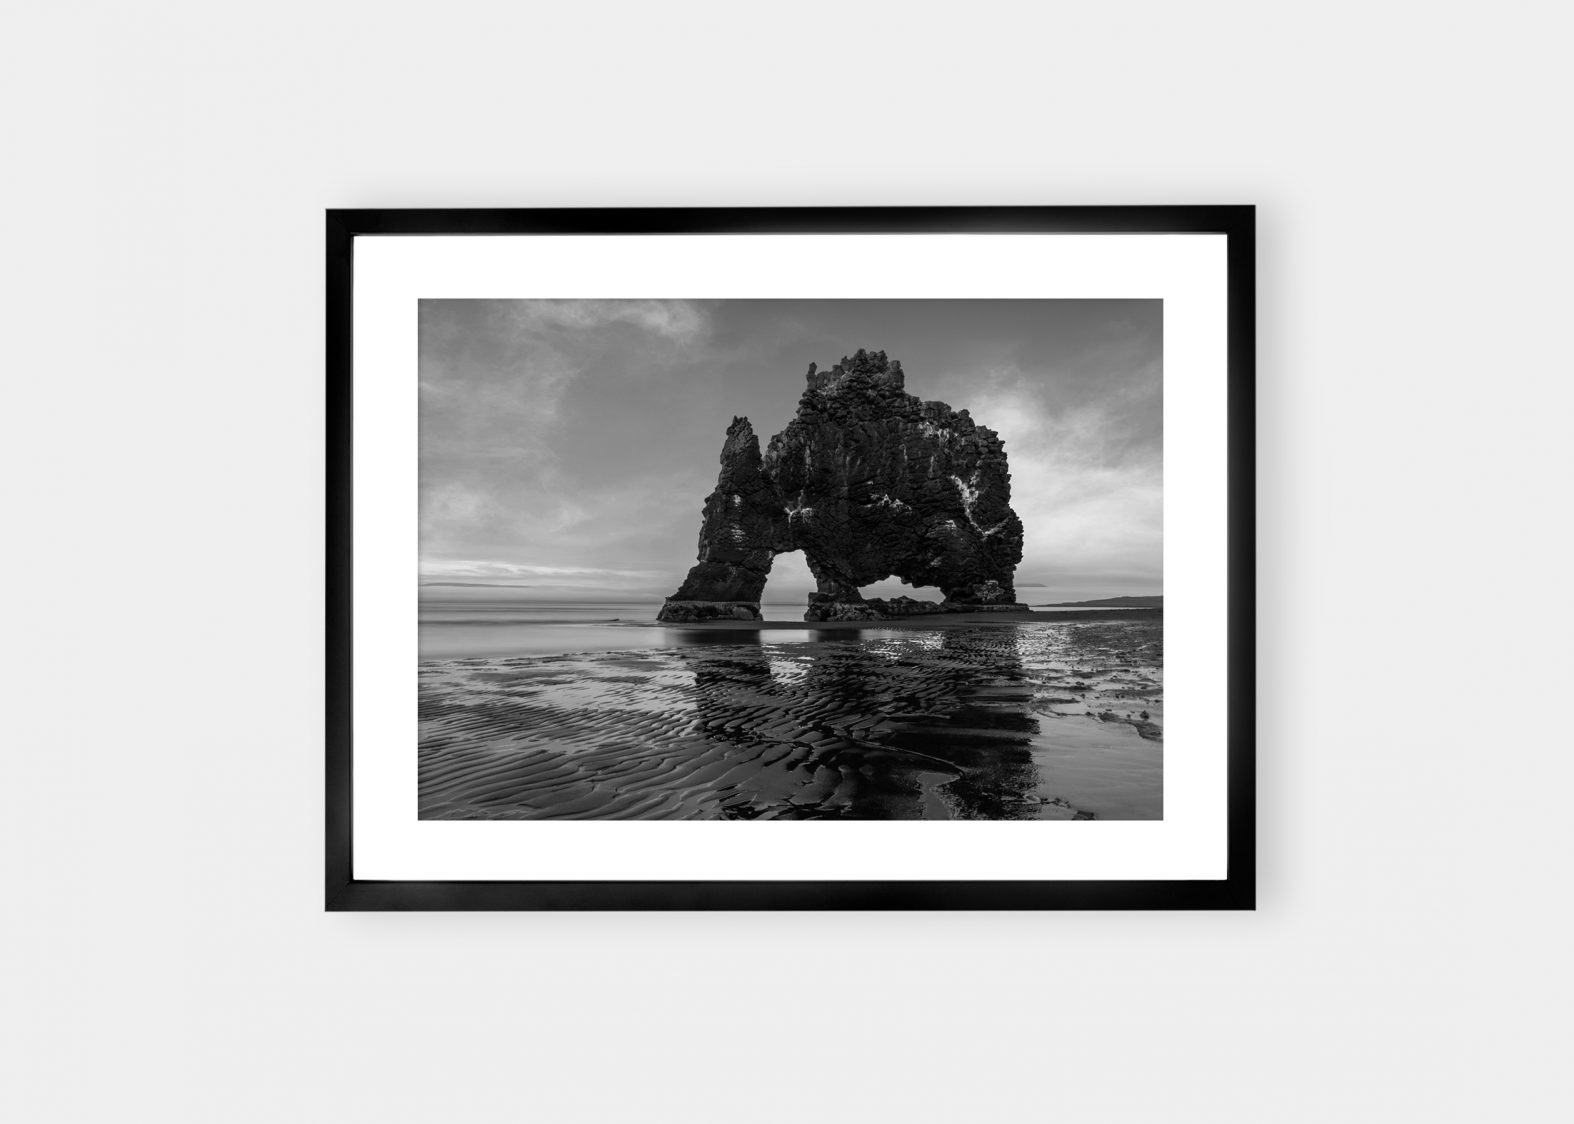 The Elephant Fotokunst | Kjøp Fine Art fotoprint på nett av Stian Gregersen